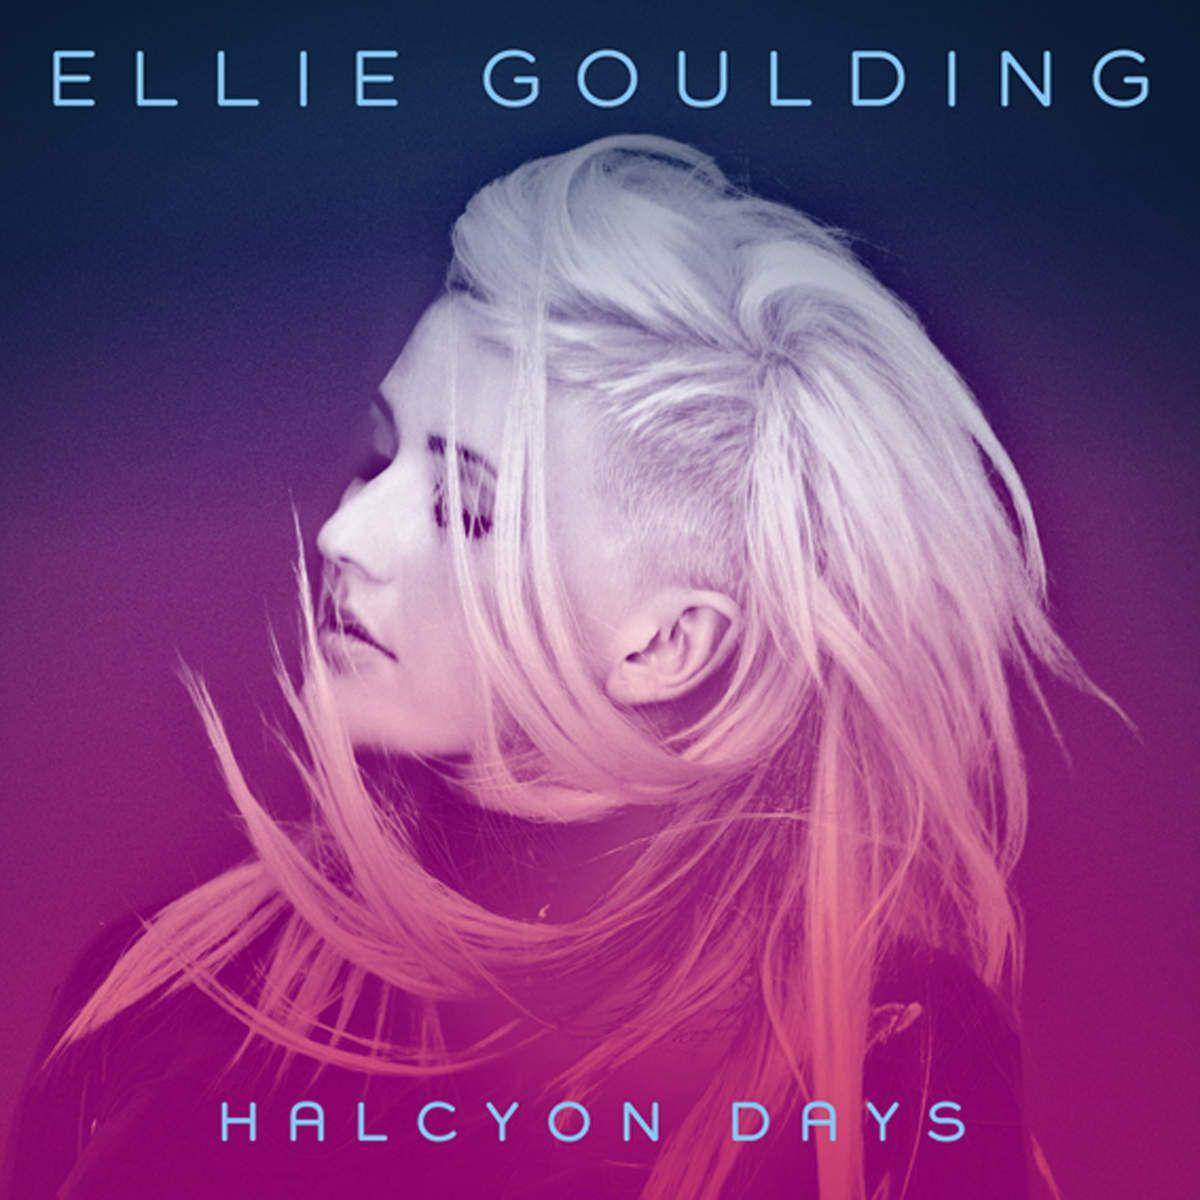 Ellie Goulding - Halcyon / Halcyon Days album cover